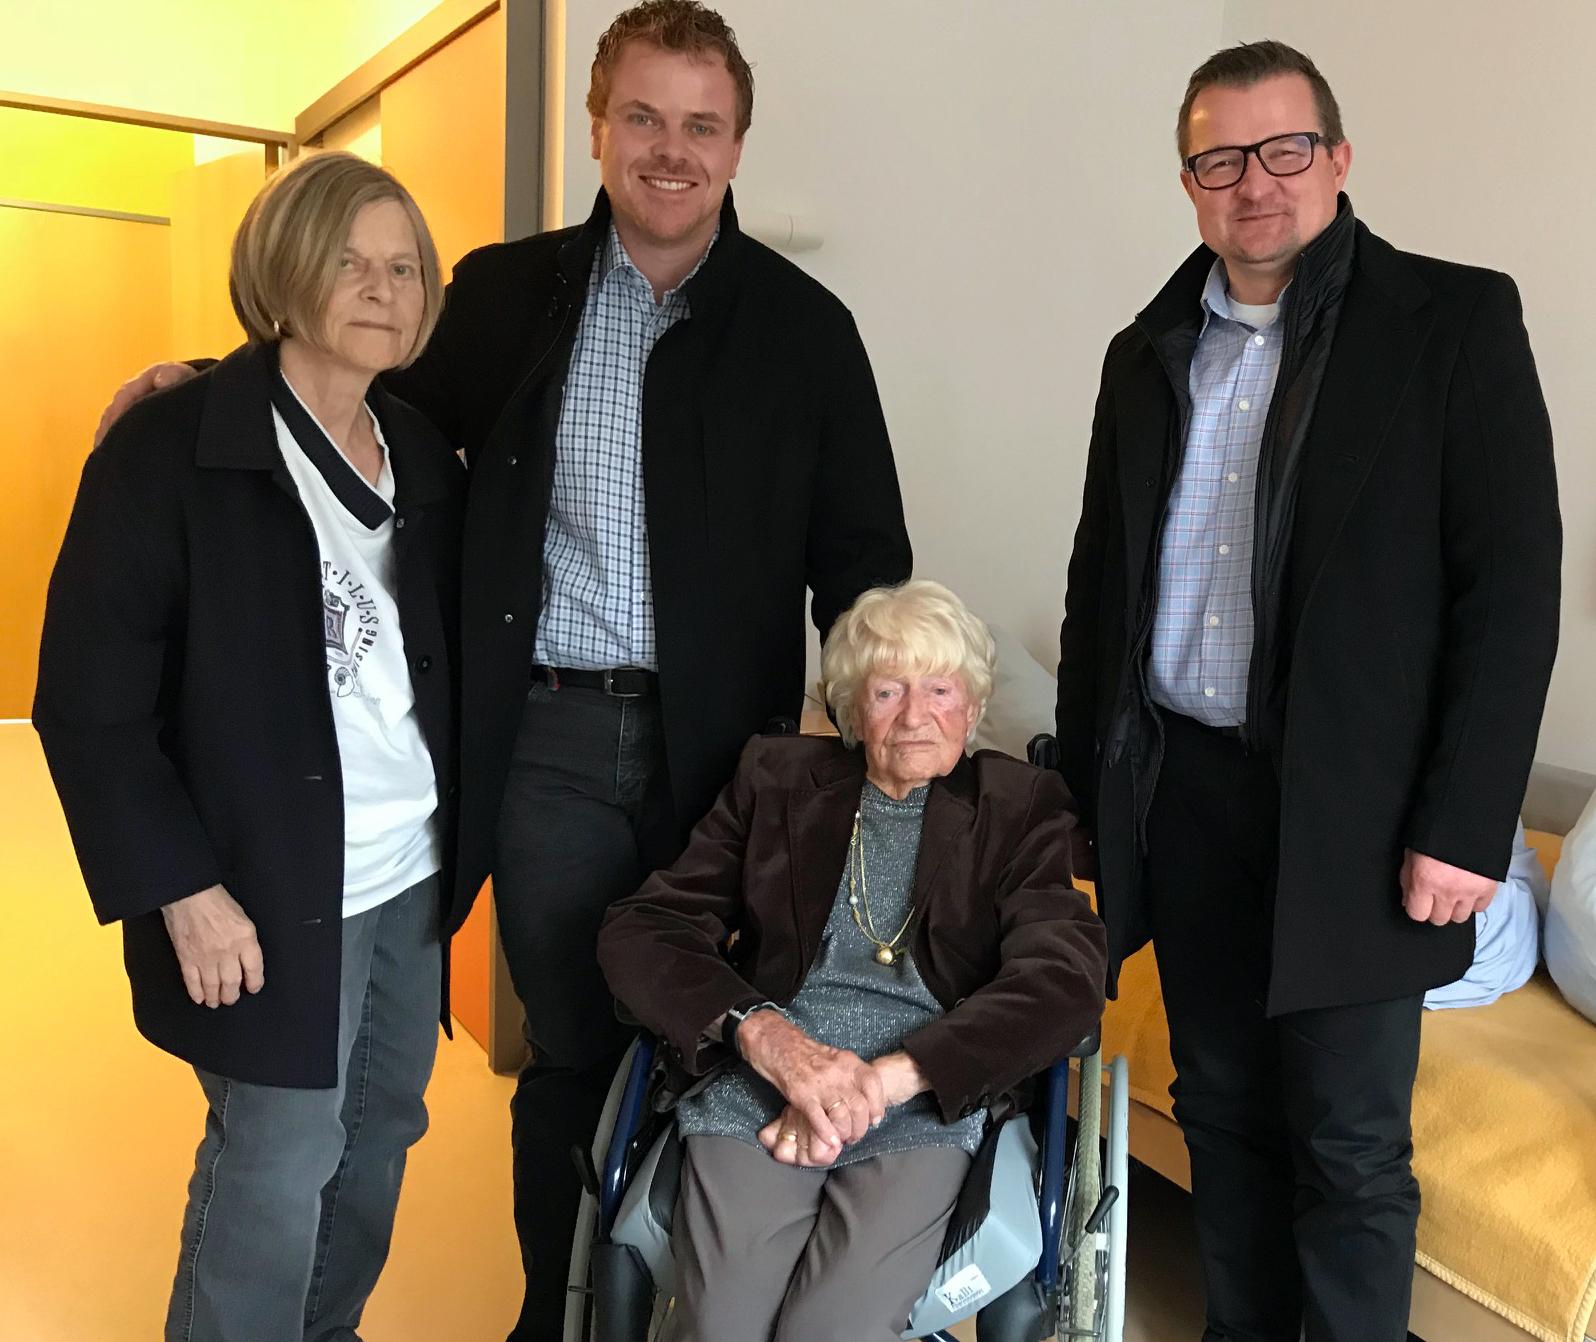 Bürgermeister Stefan Wörner hat Jubilarin Charlotte Kretschmann am 3. Dezember 2018 zum 109. Geburtstag gratuliert. Von links nach rechts sind die Tochter und der Enkelsohn der Jubilarin, Charlotte Kretschmann und Bürgermeister Stefan Wörner zu sehen.